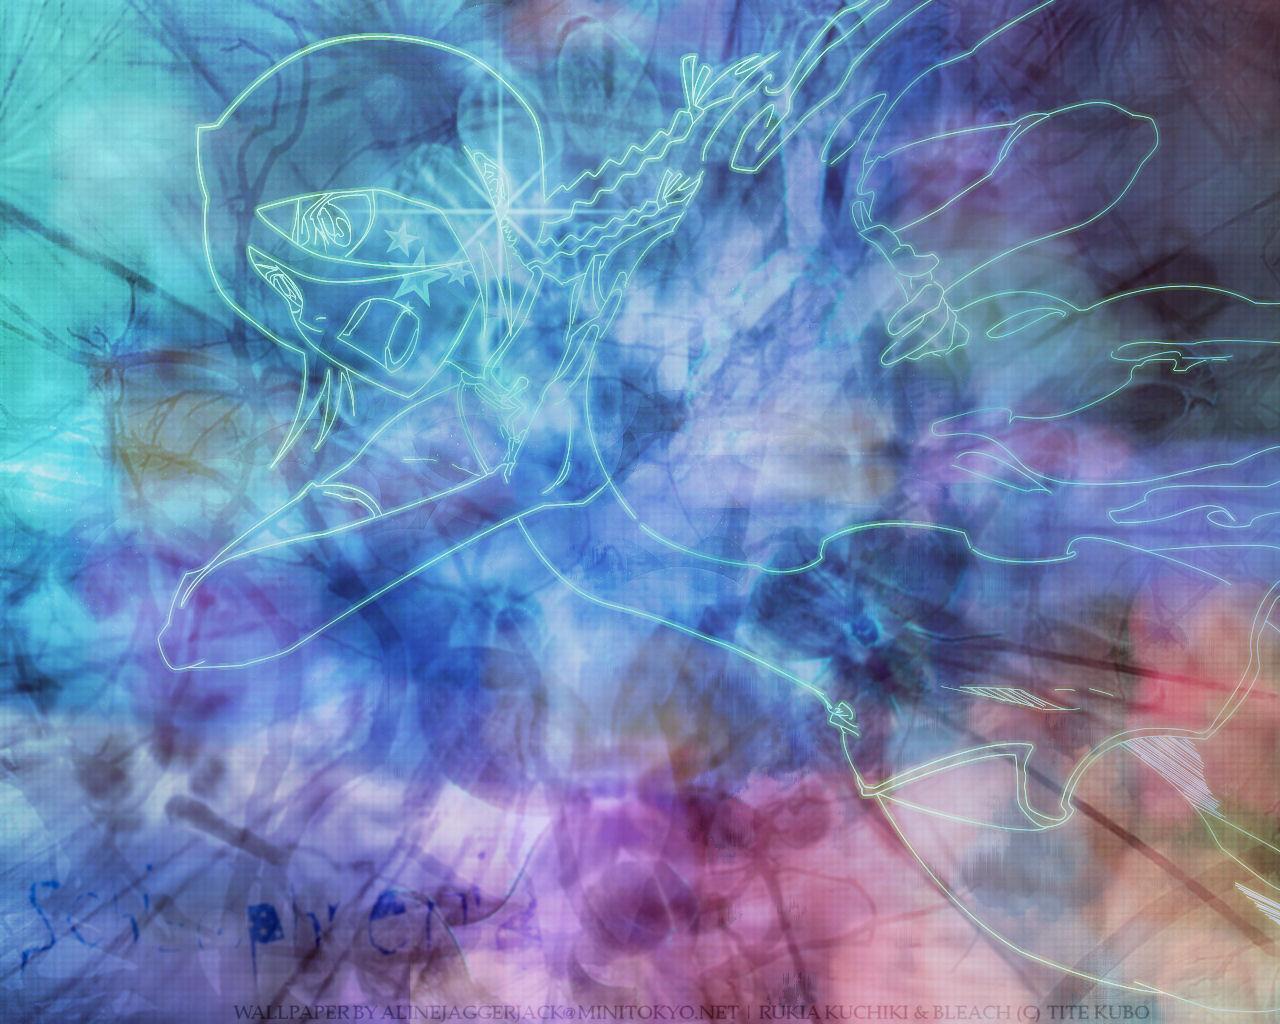 Rukia Kuchiki Wallpaper Schizophrenia Minitokyo